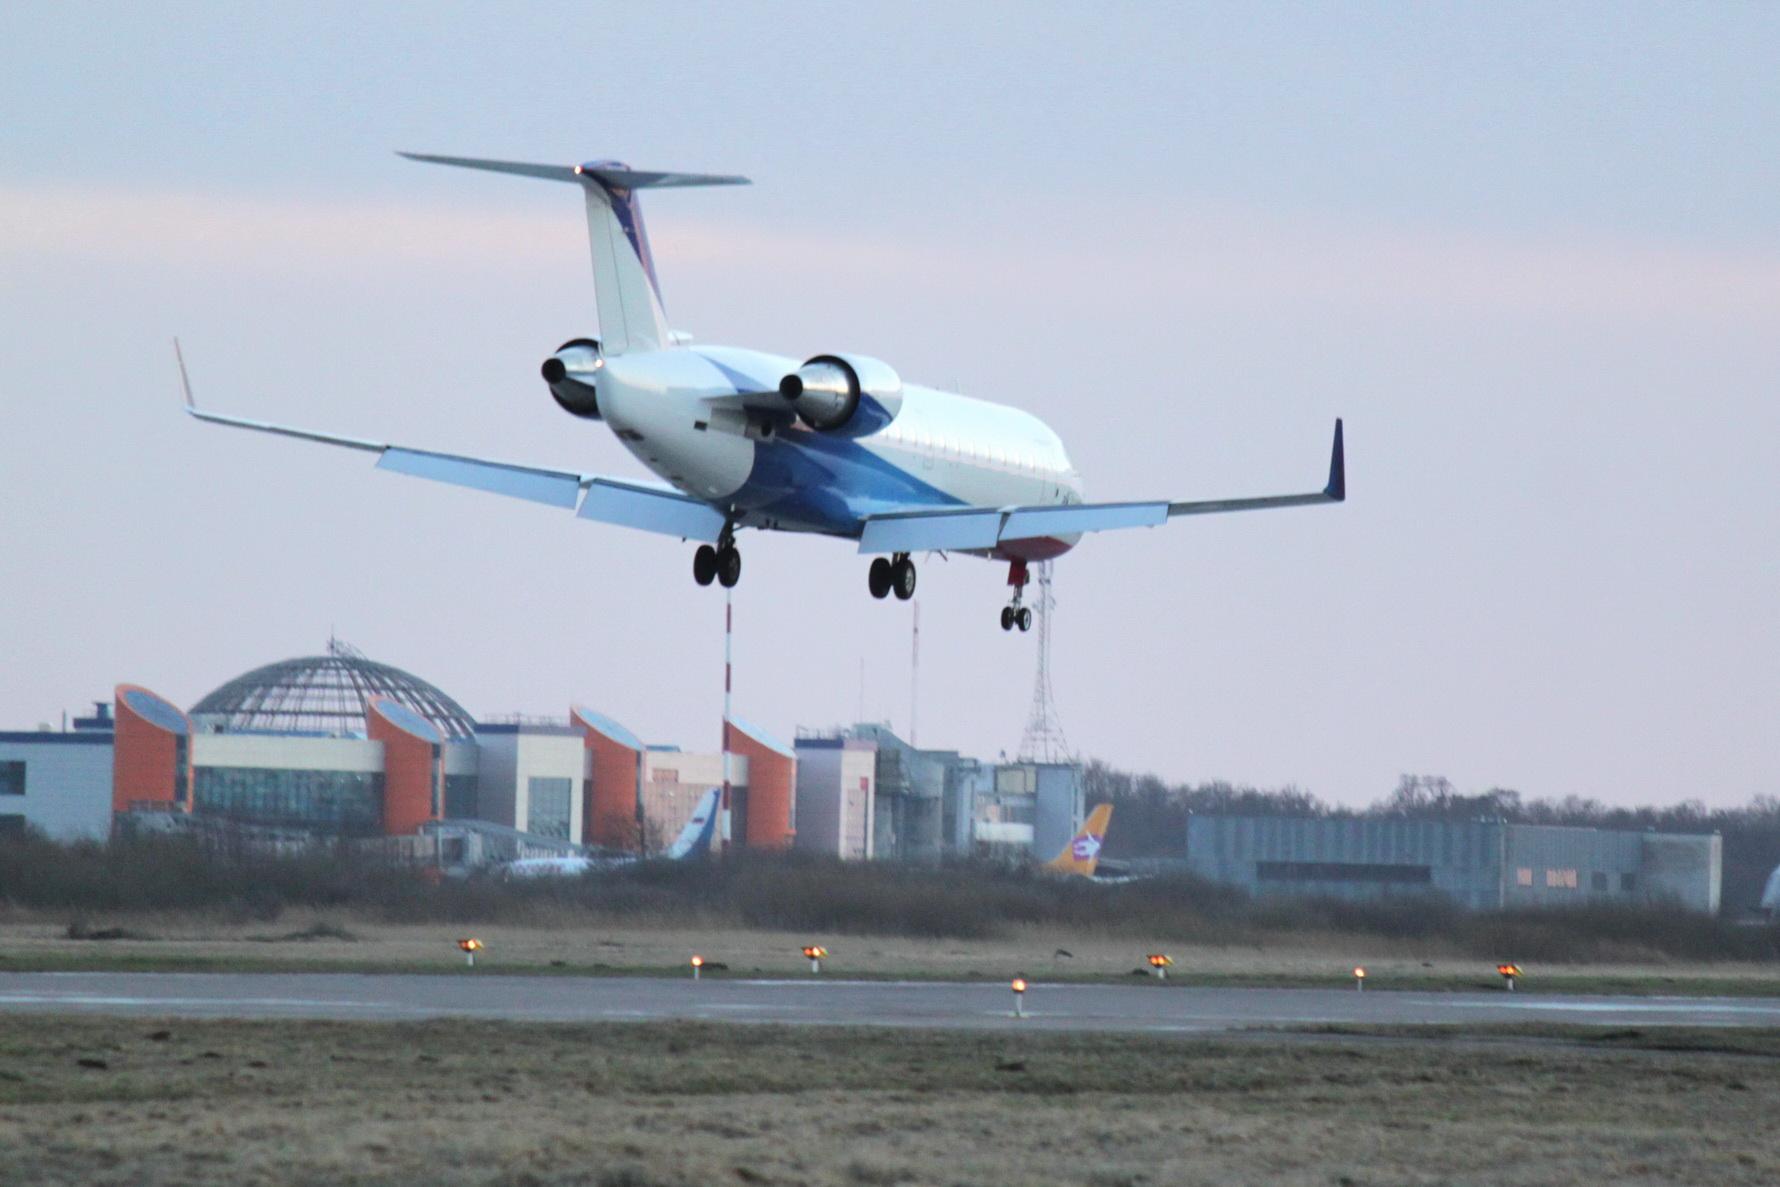 Опубликовано видео выкатившегося за ВПП самолета в Калининграде